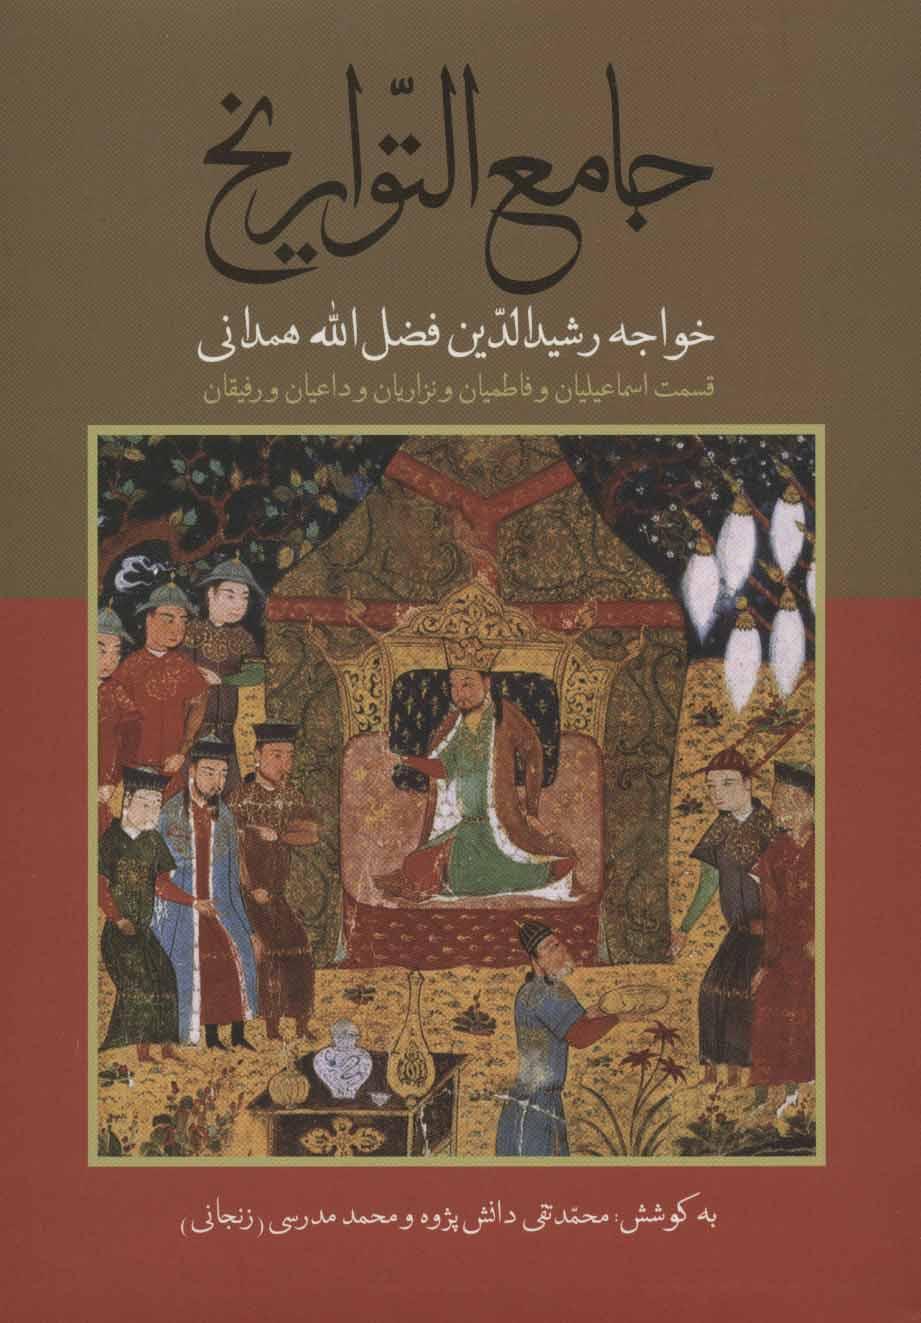 کتاب جامع التواریخ: قسمت اسماعیلیان و فاطمیان و تراریان و داعیان و رفیقان